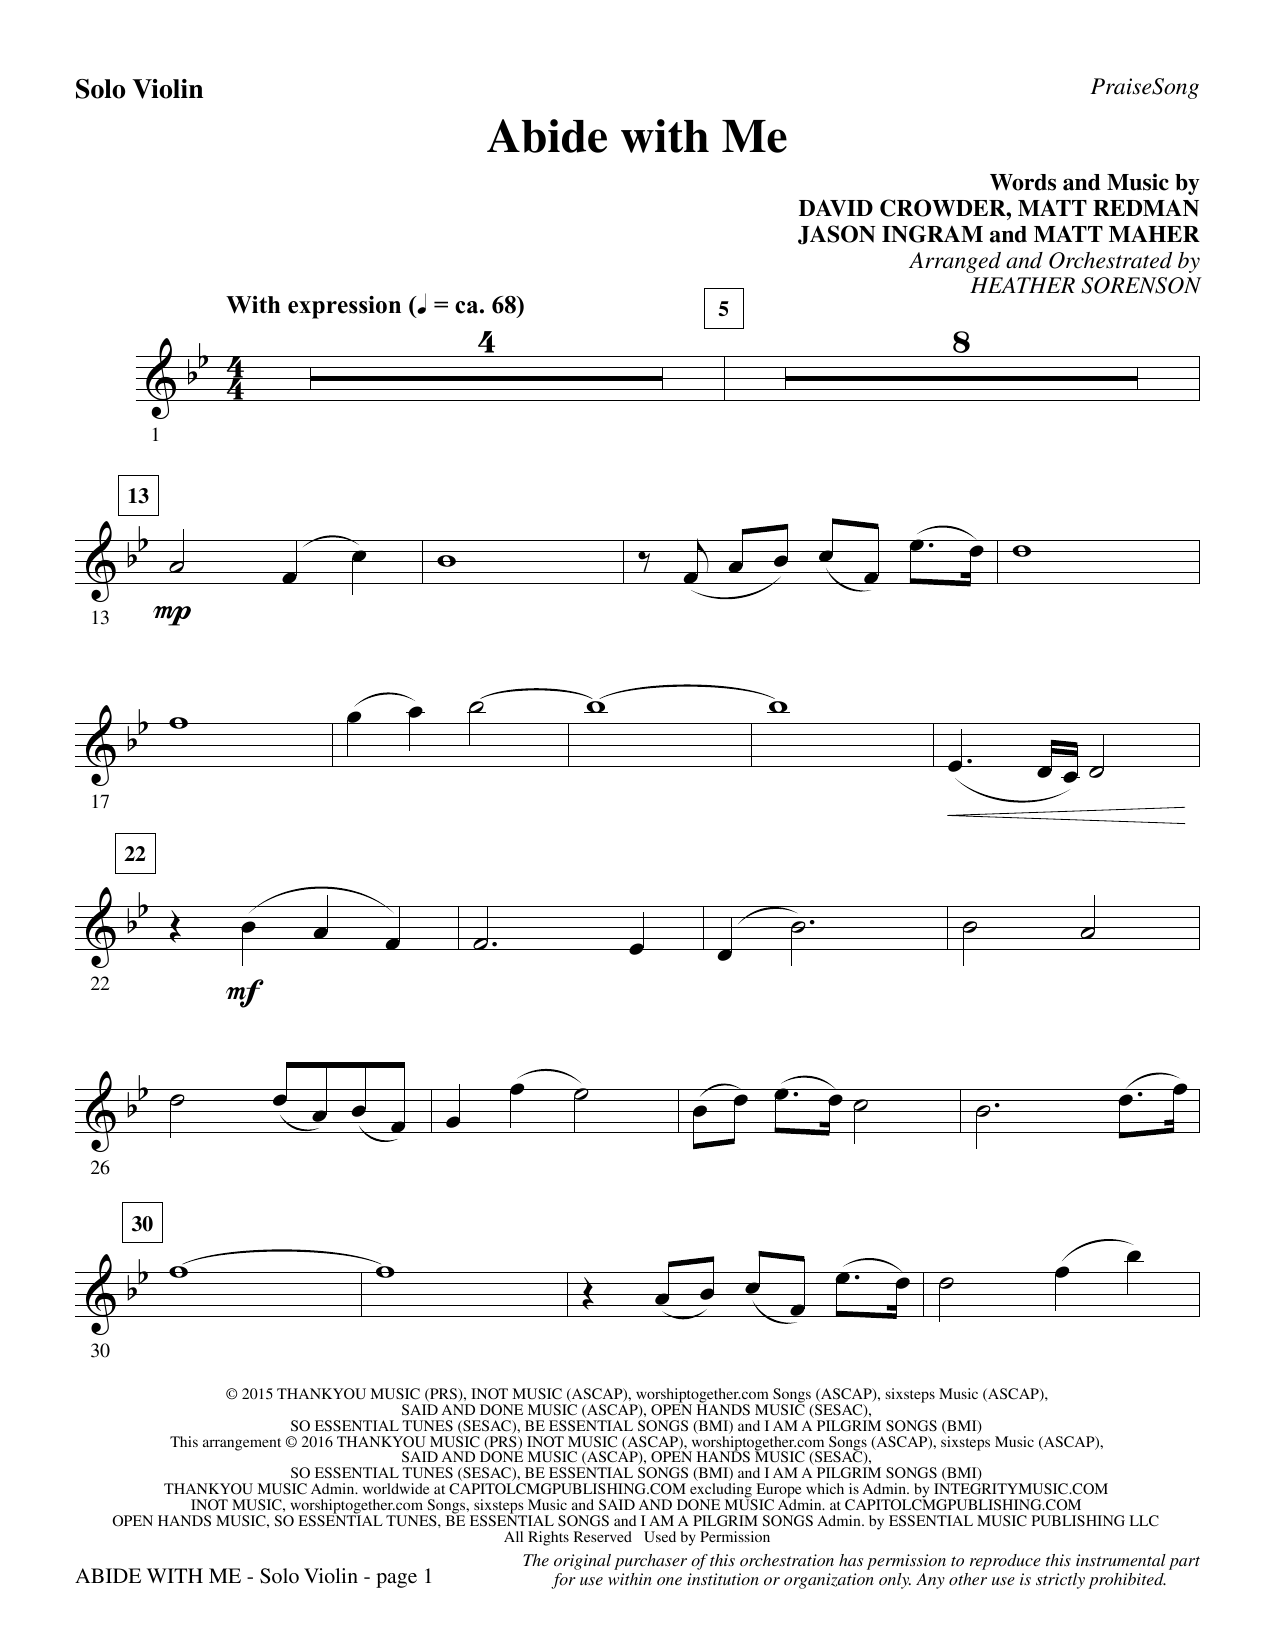 Abide with Me - Solo Violin